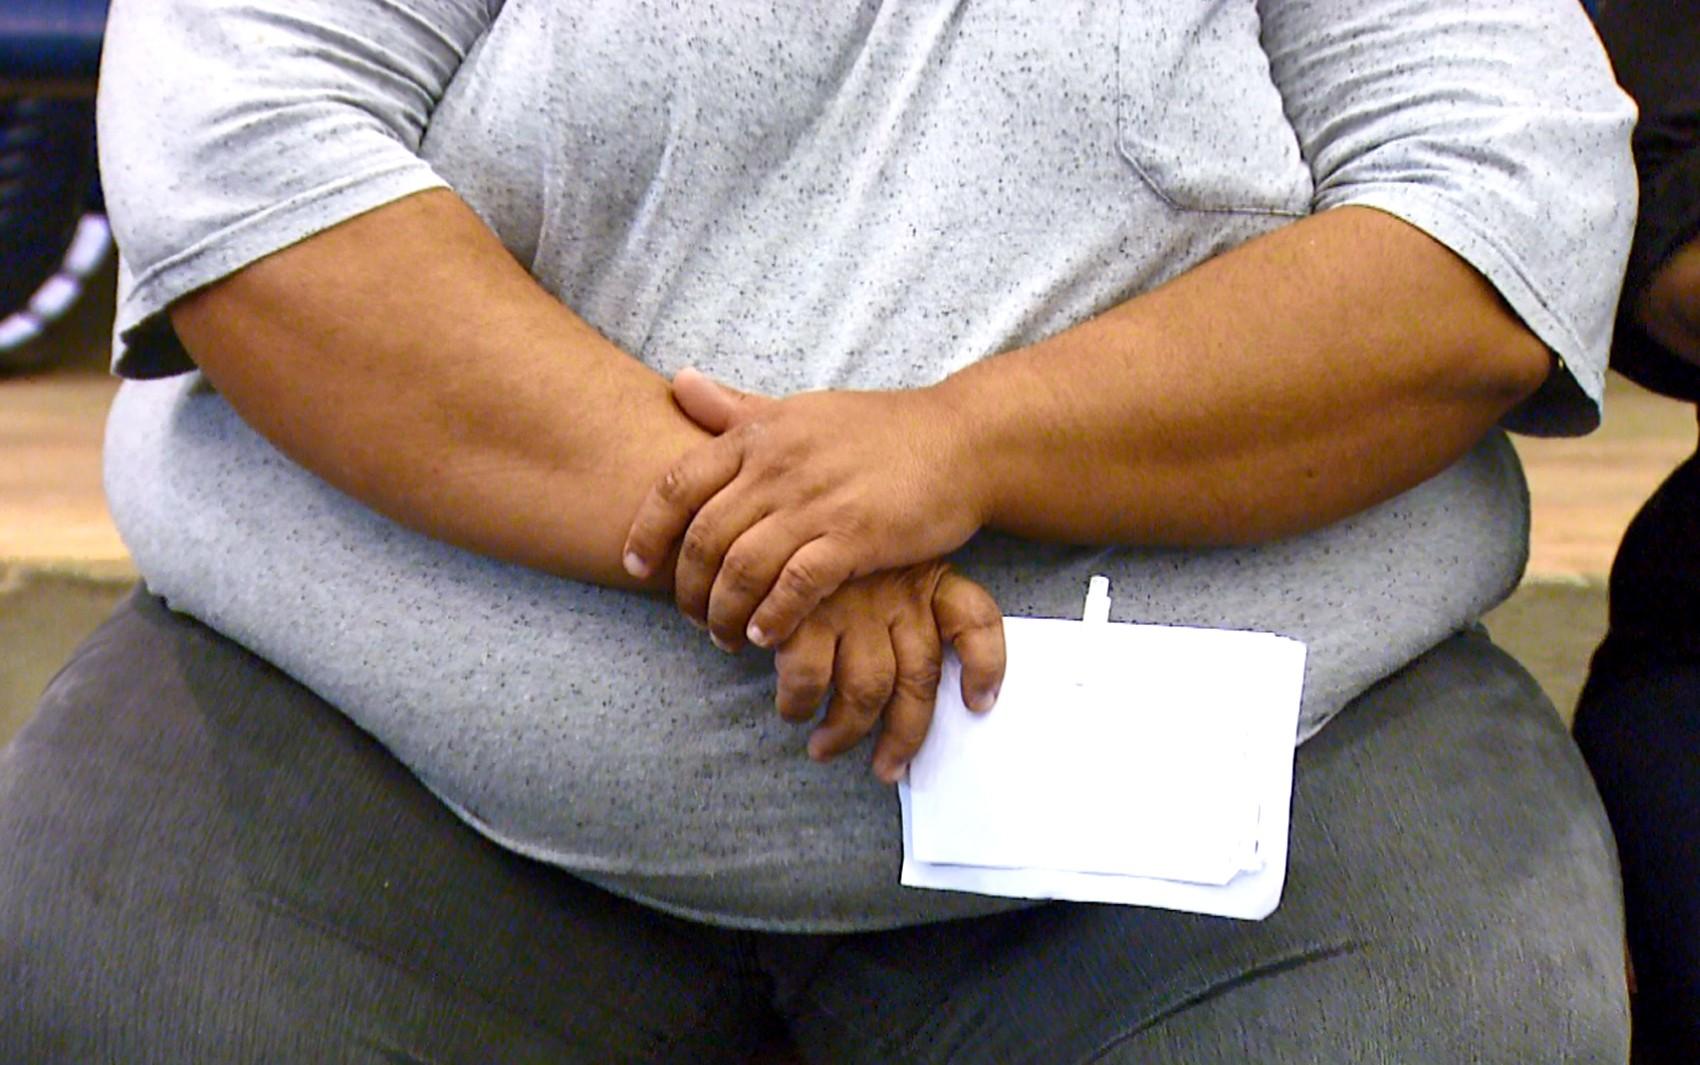 Obesidade aumenta em até 4 vezes o risco de morrer por Covid, especialmente homens e menores de 60 anos